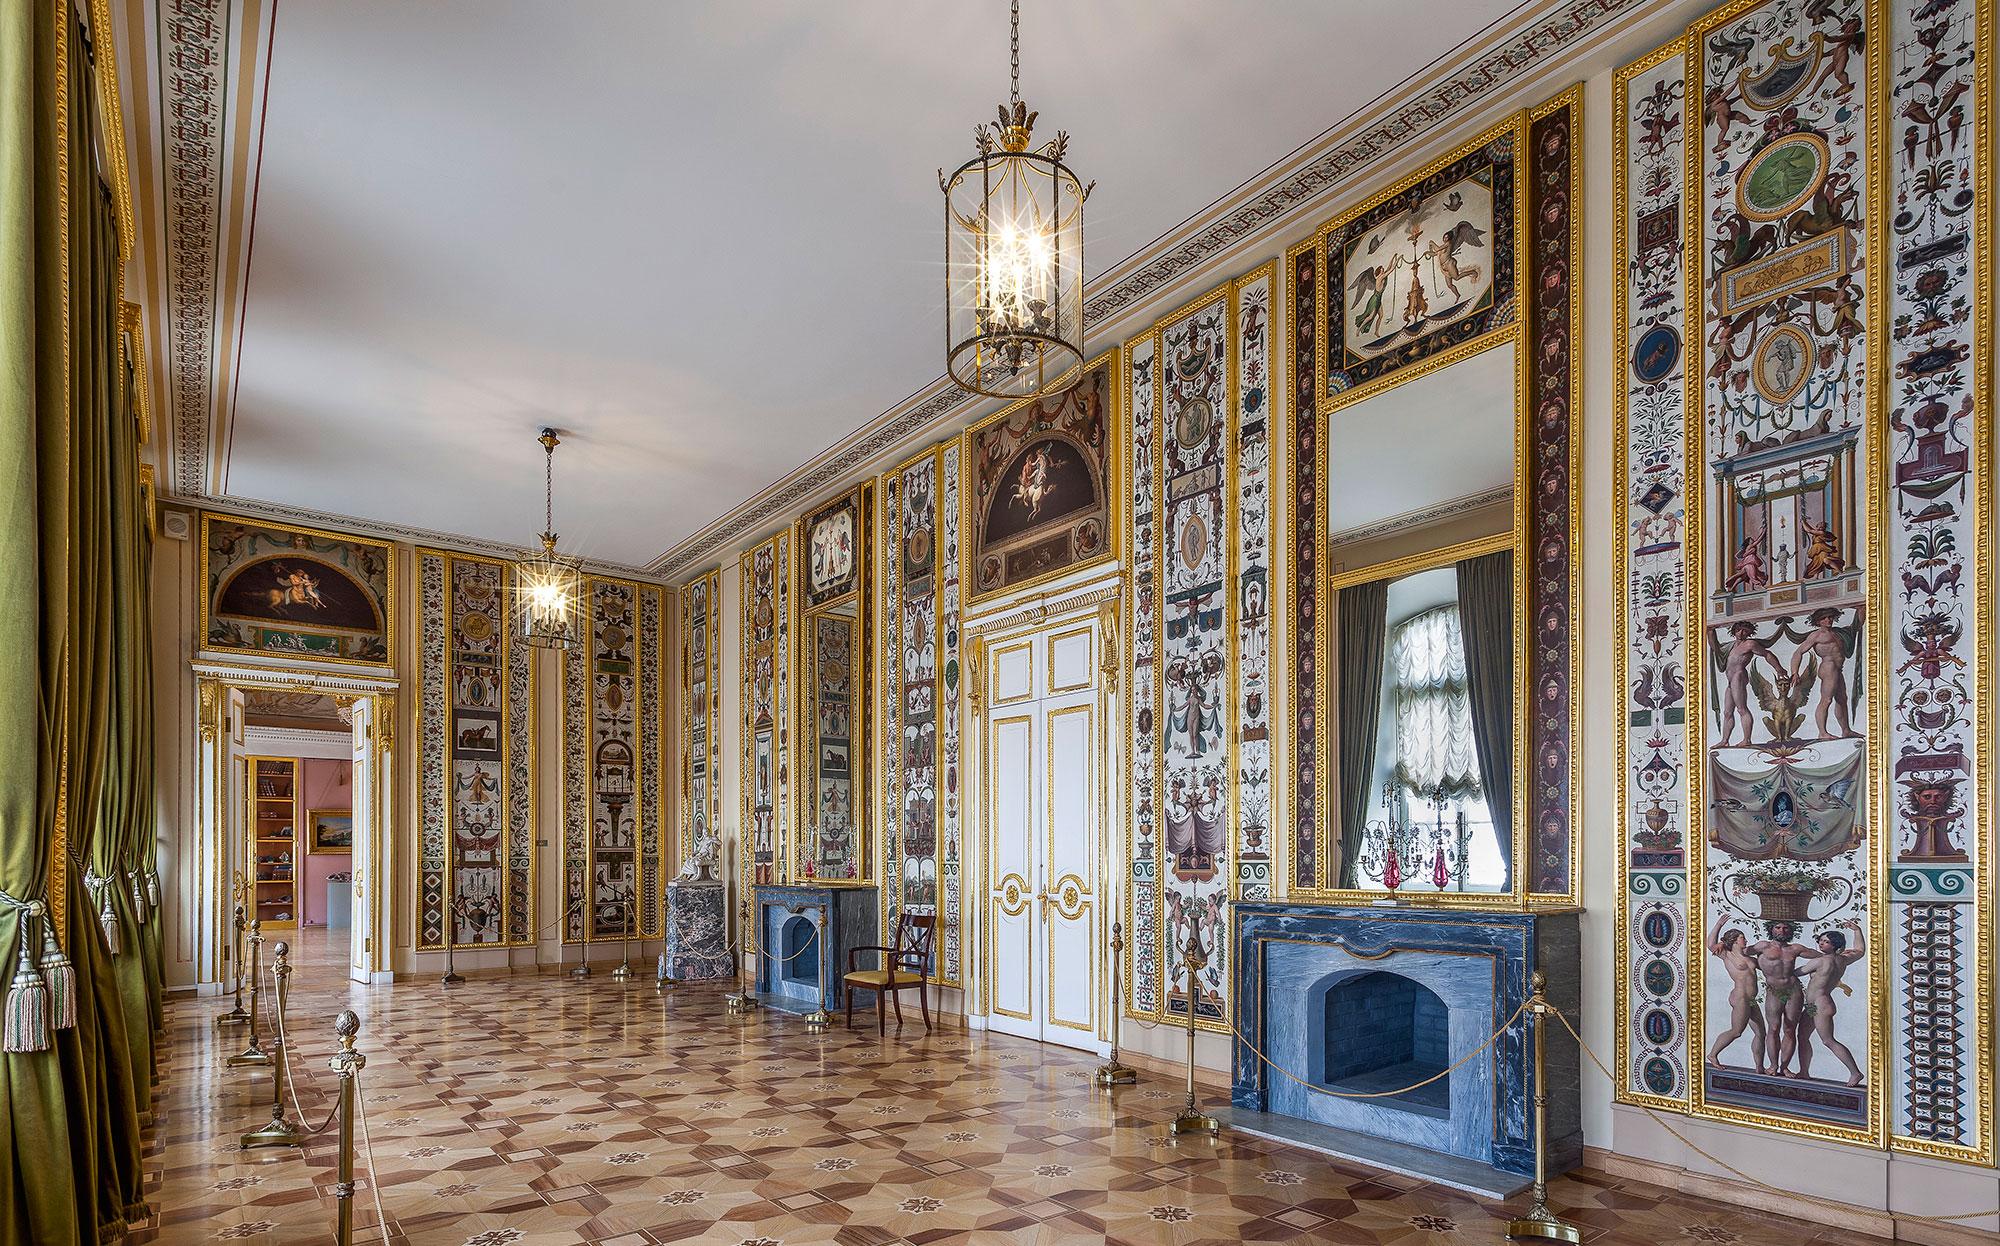 Арабесковая гостиная в Строгановском дворце